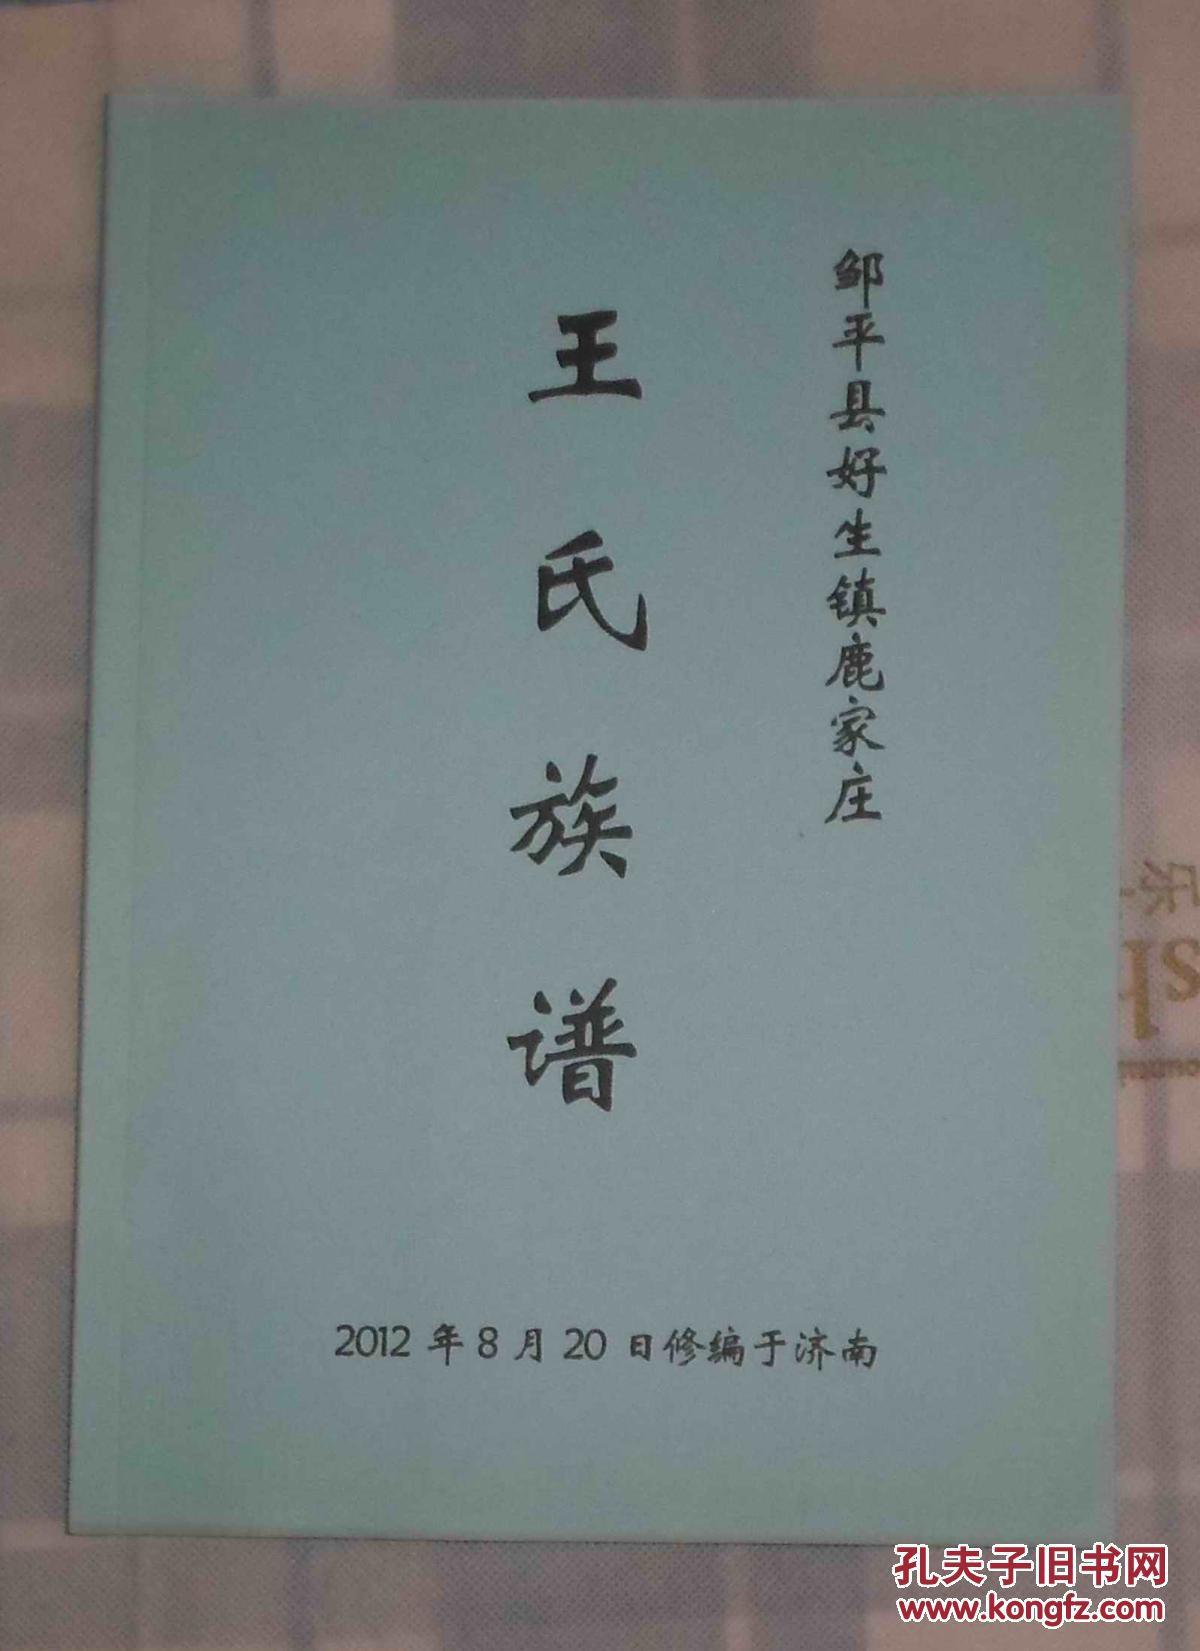 王氏族谱(邹平县好生镇鹿家庄)图片